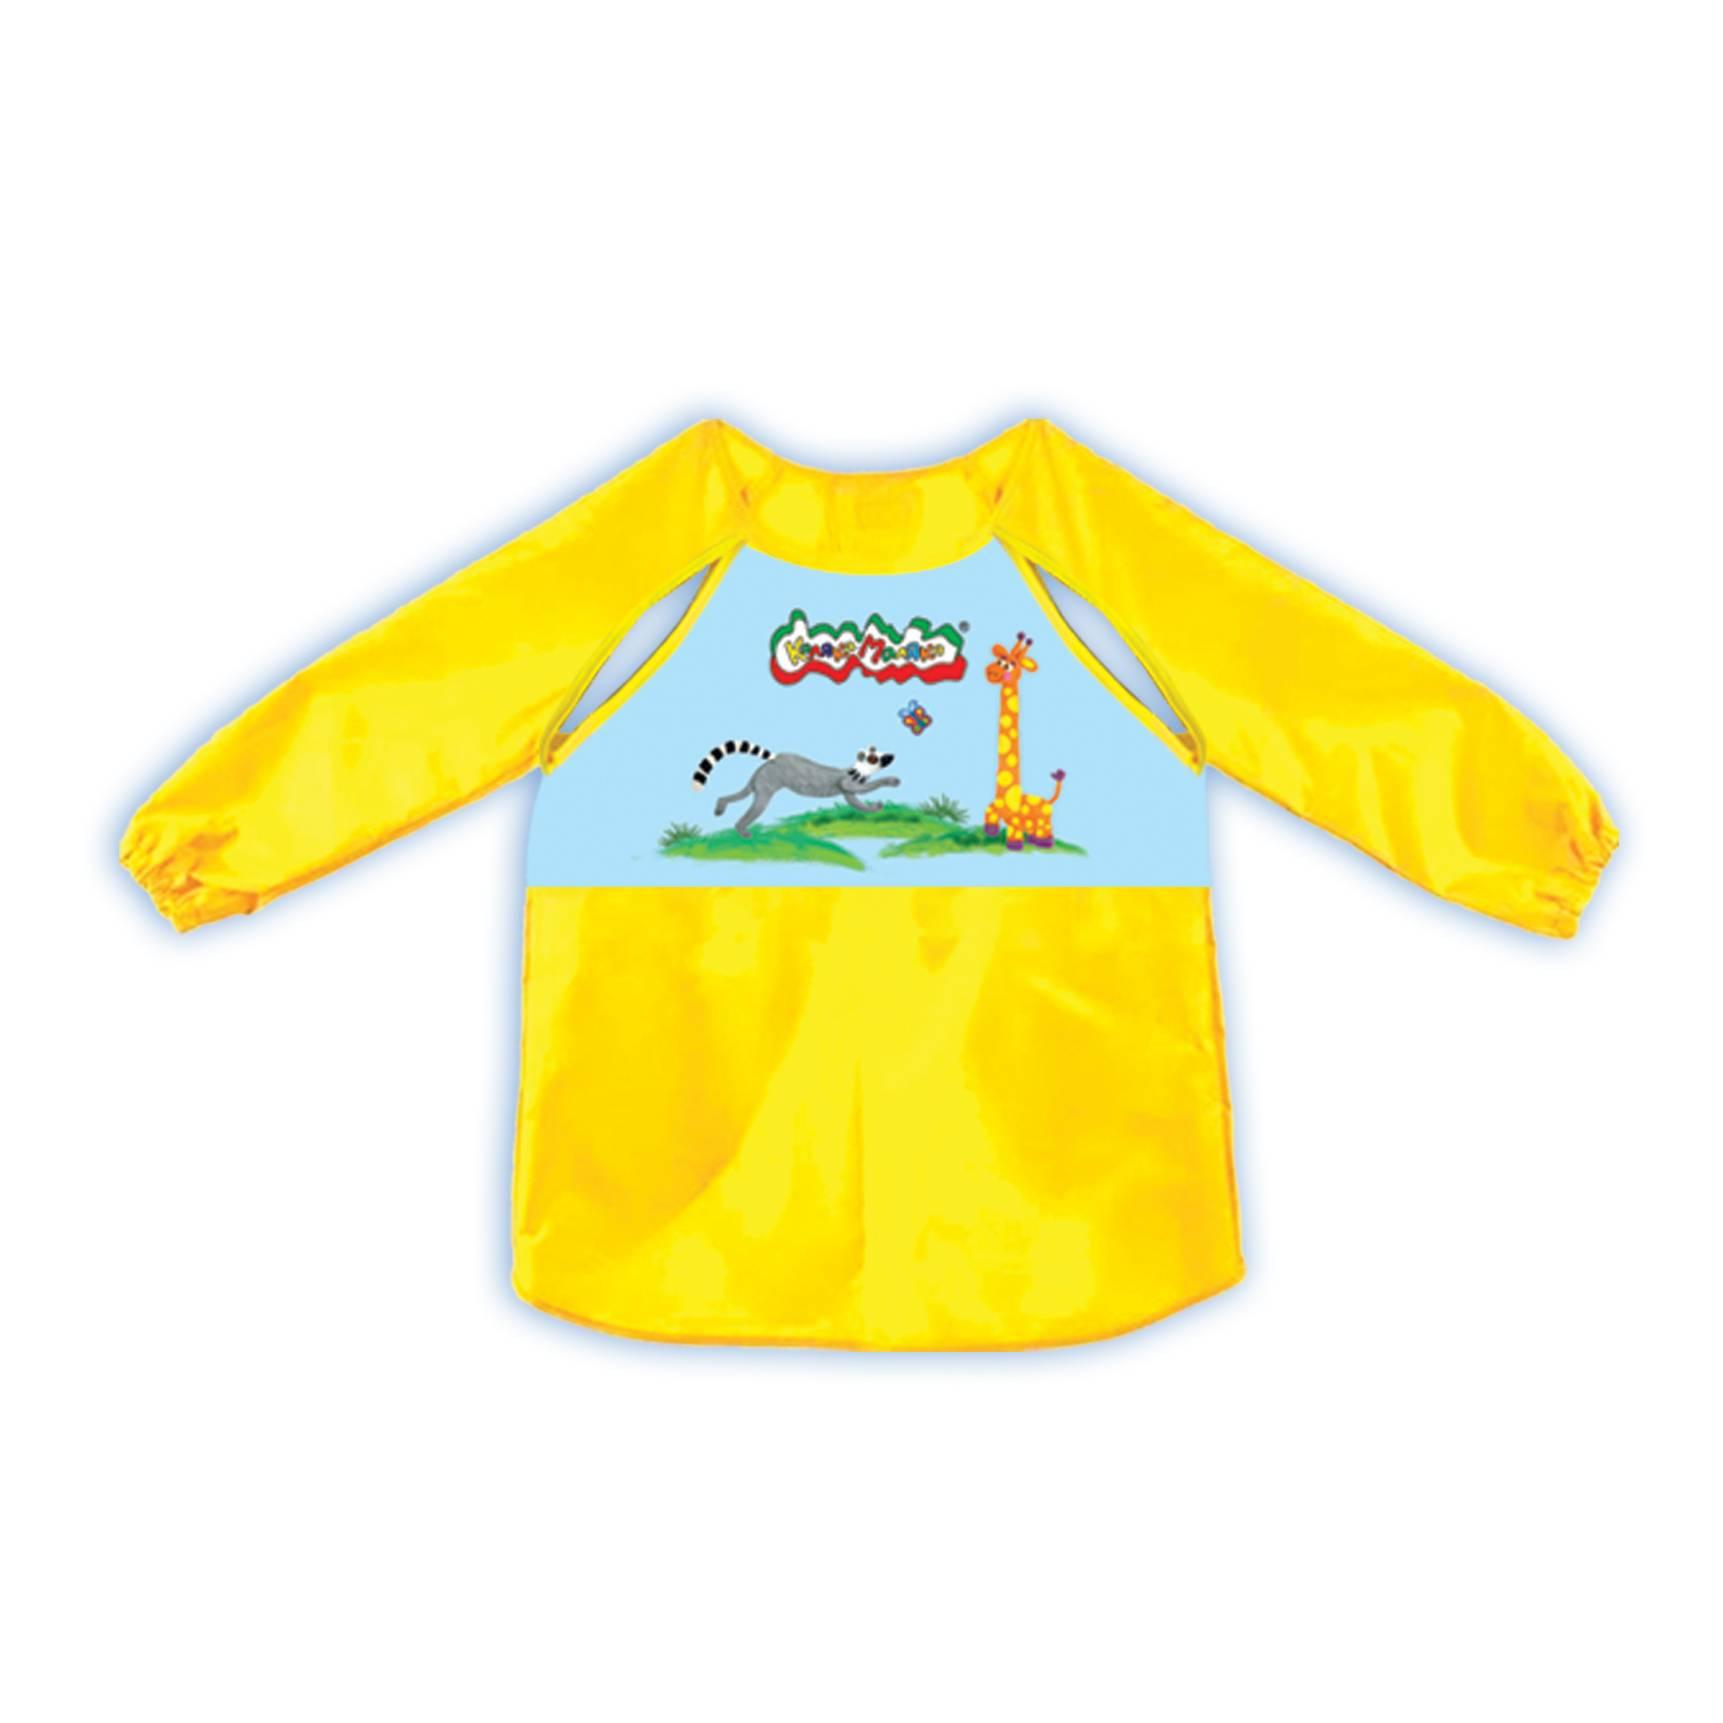 Фартук-накидка д/труда Каляка-Маляка для малышей, на рост 104-110 см, с рукавами и вырезами для терморегуляции